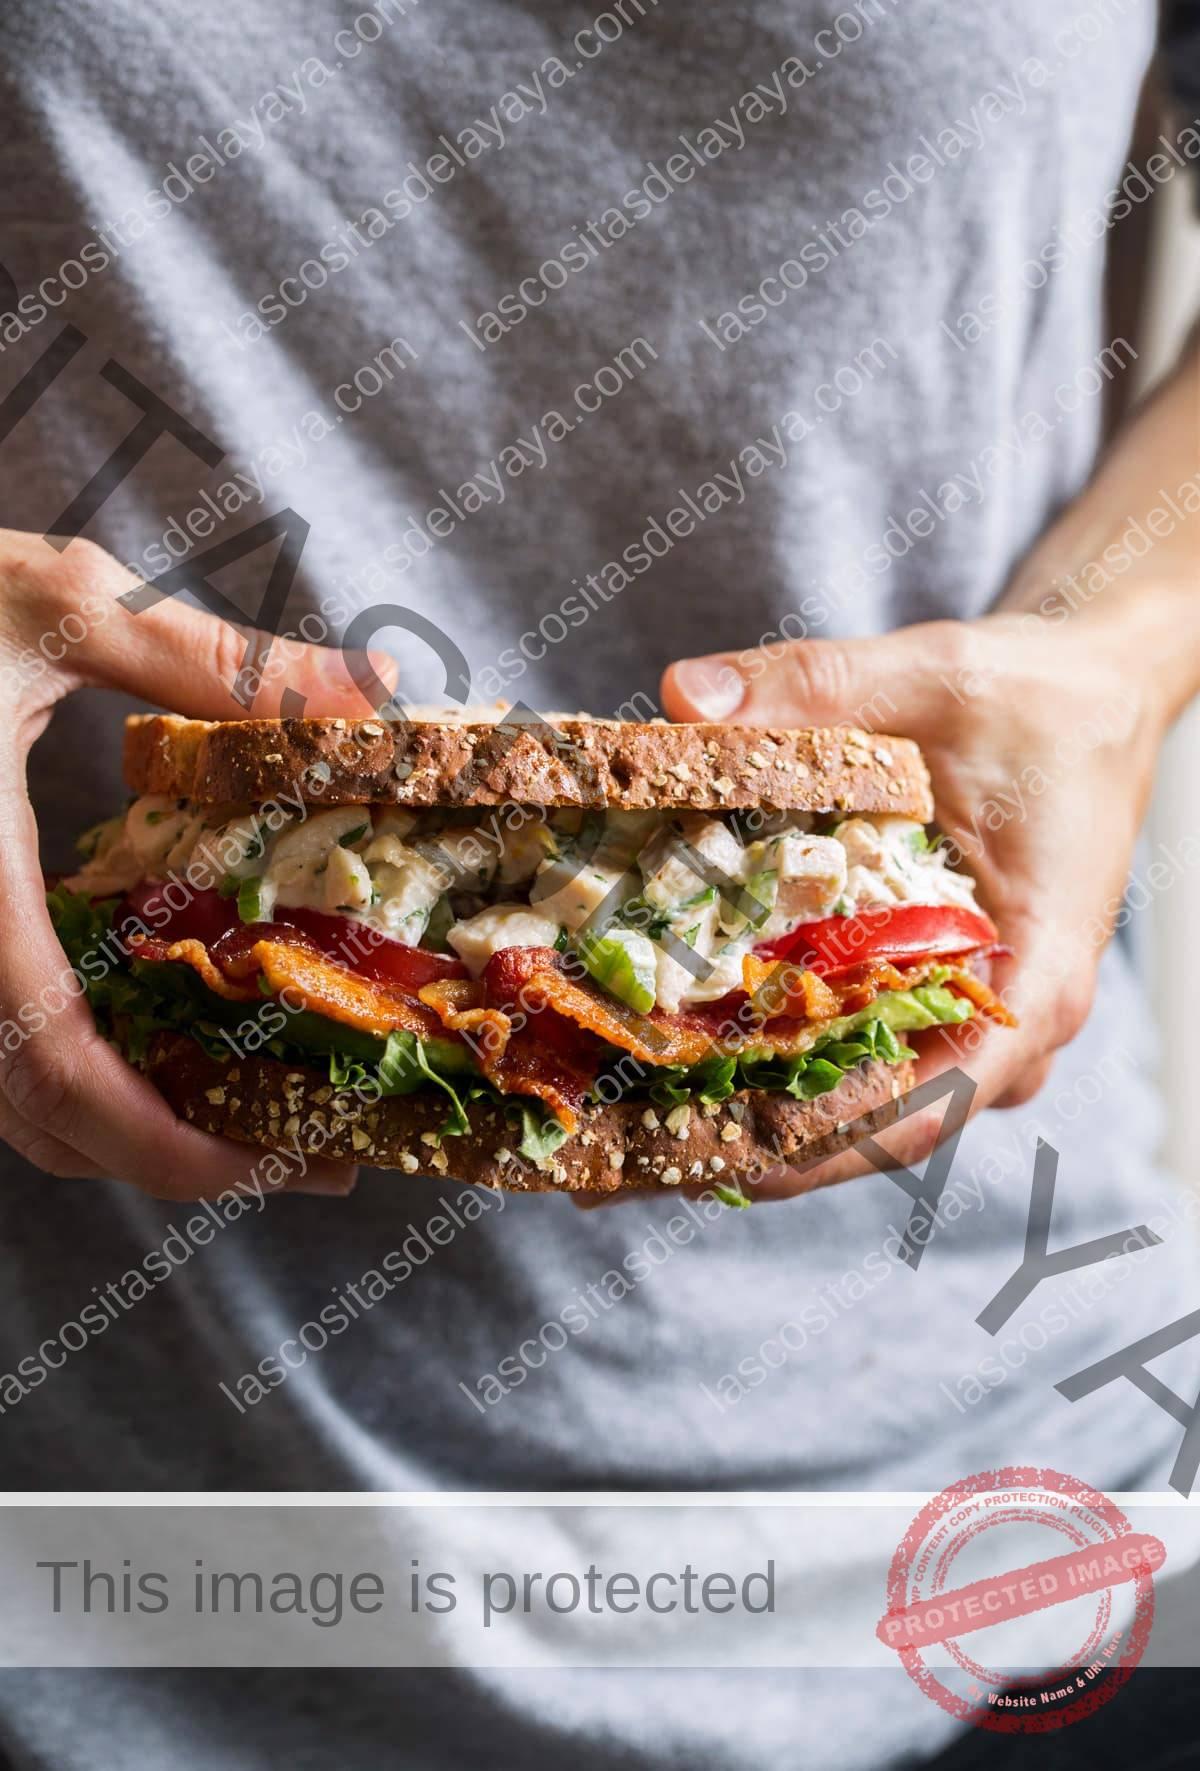 Persona sosteniendo sándwich de ensalada de pollo